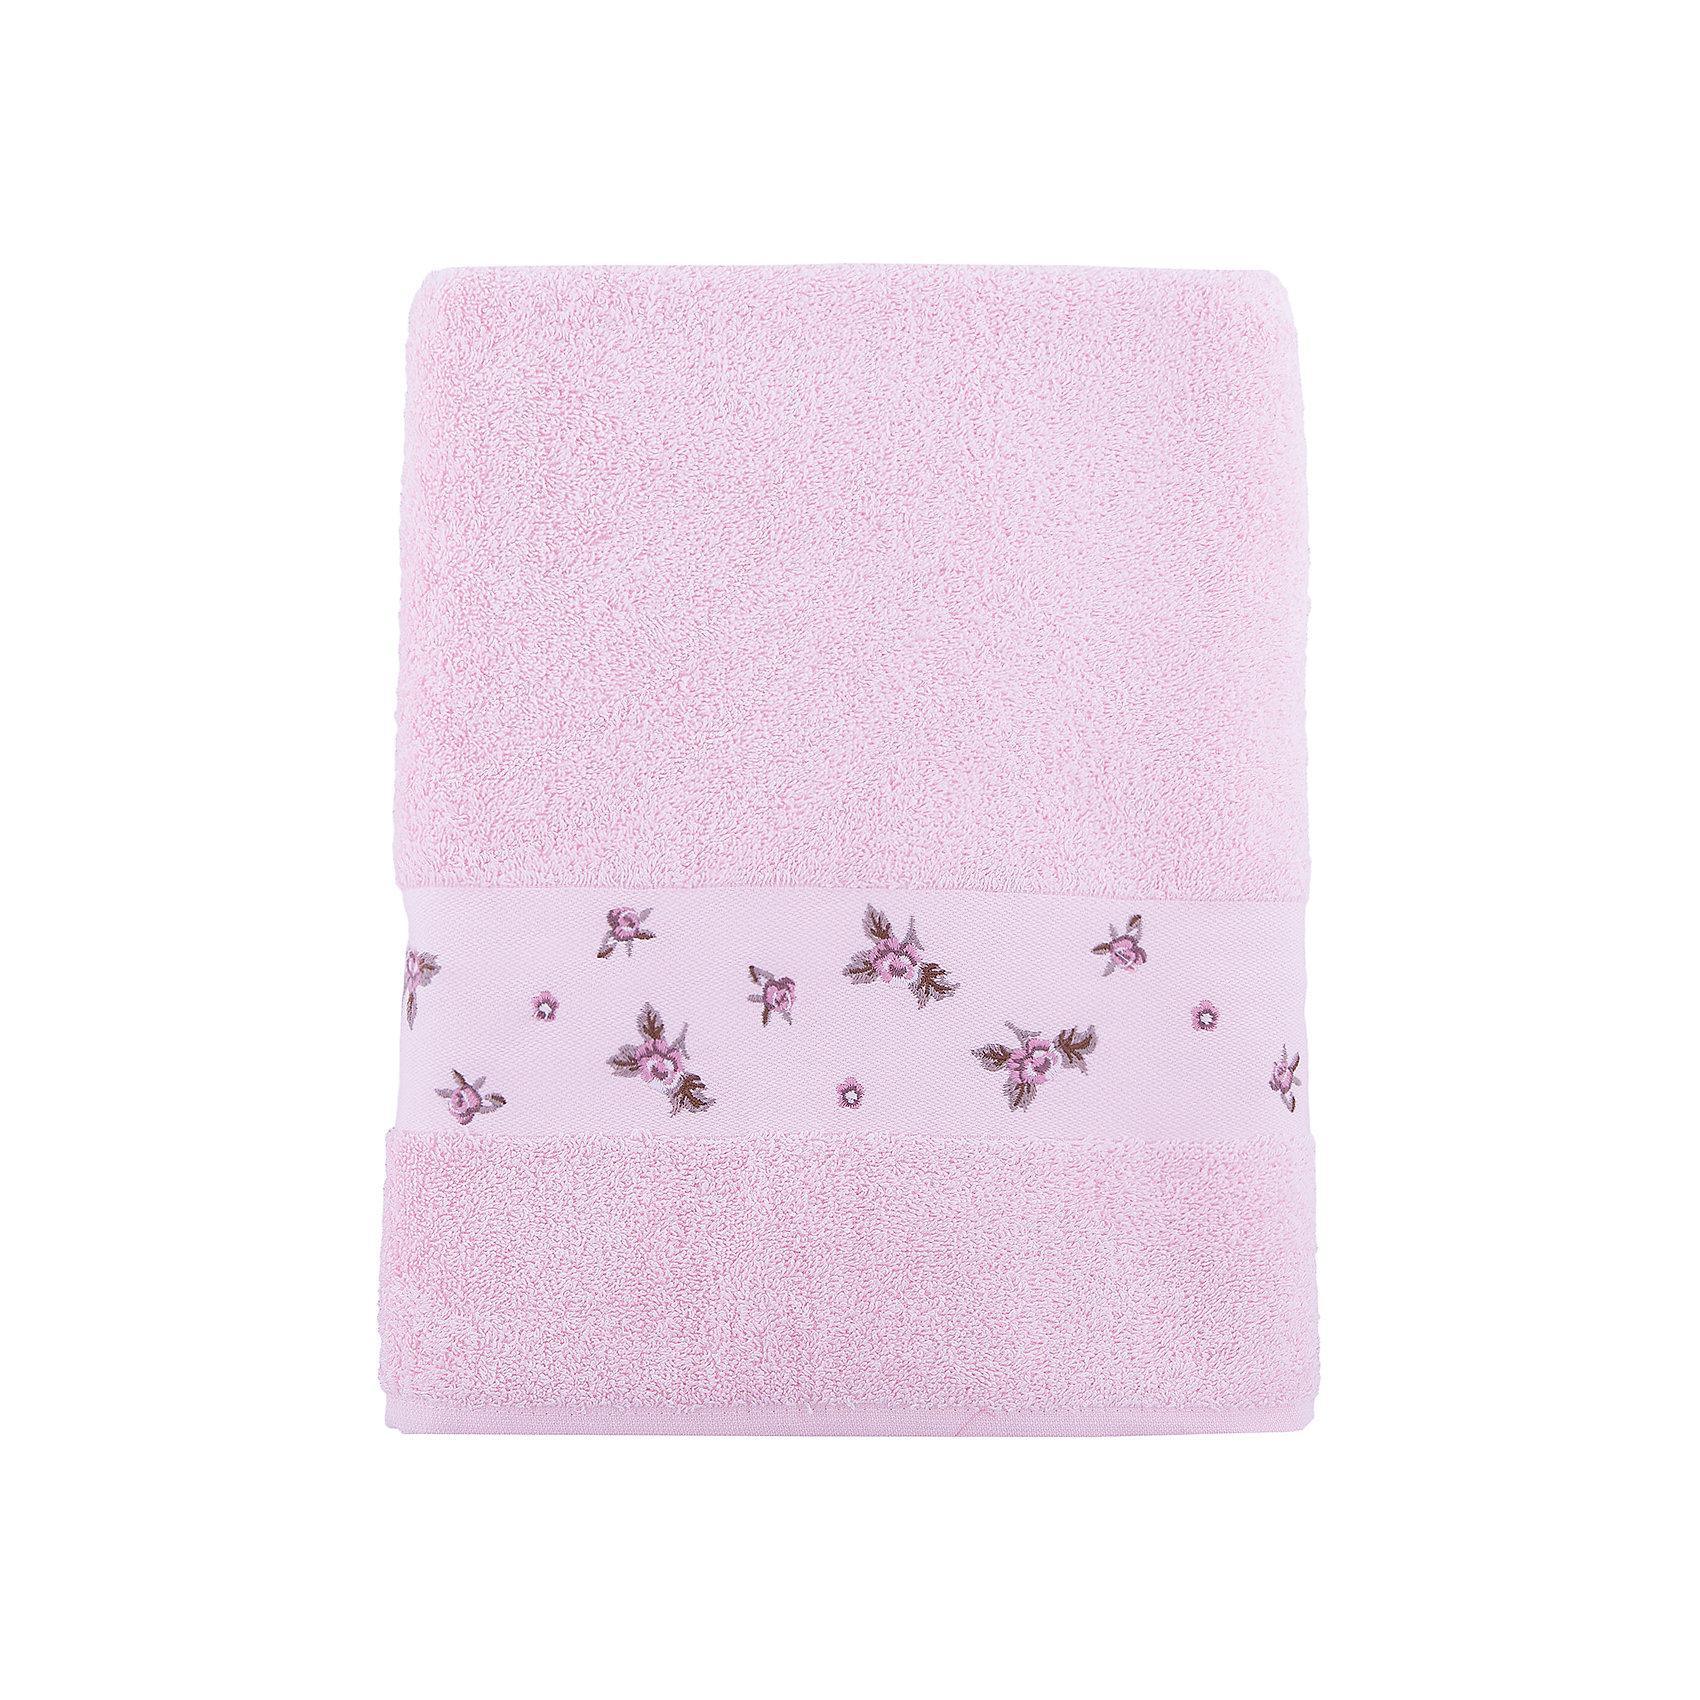 Полотенце махровое 70*140 Розали, Cozy Home, розовыйВанная комната<br>Полотенце махровое 70*140 Розали, Cozy Home (Кози Хоум), розовый<br><br>Характеристики:<br><br>• хорошо впитывает влагу<br>• привлекательный дизайн<br>• материал: хлопок<br>• размер: 70х140 см<br>• цвет: розовый<br><br>Полотенце Розалия отлично подойдет любителям необычного и красивого текстиля. Оно имеет красивый цветочный узор по центру, чем несомненно вызовет множество положительных эмоций. Полотенце изготовлено из качественного хлопка, не вызывающего неприятных ощущений и раздражения на коже. Изделие обладает хорошей гигроскопичностью, не поддается деформации и выцветанию. Хлопок - экологически чистый материал, отвечающий всем требованиям качества, поэтому даже дети смогут смело пользоваться полотенцем.<br><br>Полотенце махровое 70*140 Розали, Cozy Home (Кози Хоум), розовый вы можете купить в нашем интернет-магазине.<br><br>Ширина мм: 150<br>Глубина мм: 350<br>Высота мм: 150<br>Вес г: 350<br>Возраст от месяцев: 0<br>Возраст до месяцев: 216<br>Пол: Женский<br>Возраст: Детский<br>SKU: 5355339